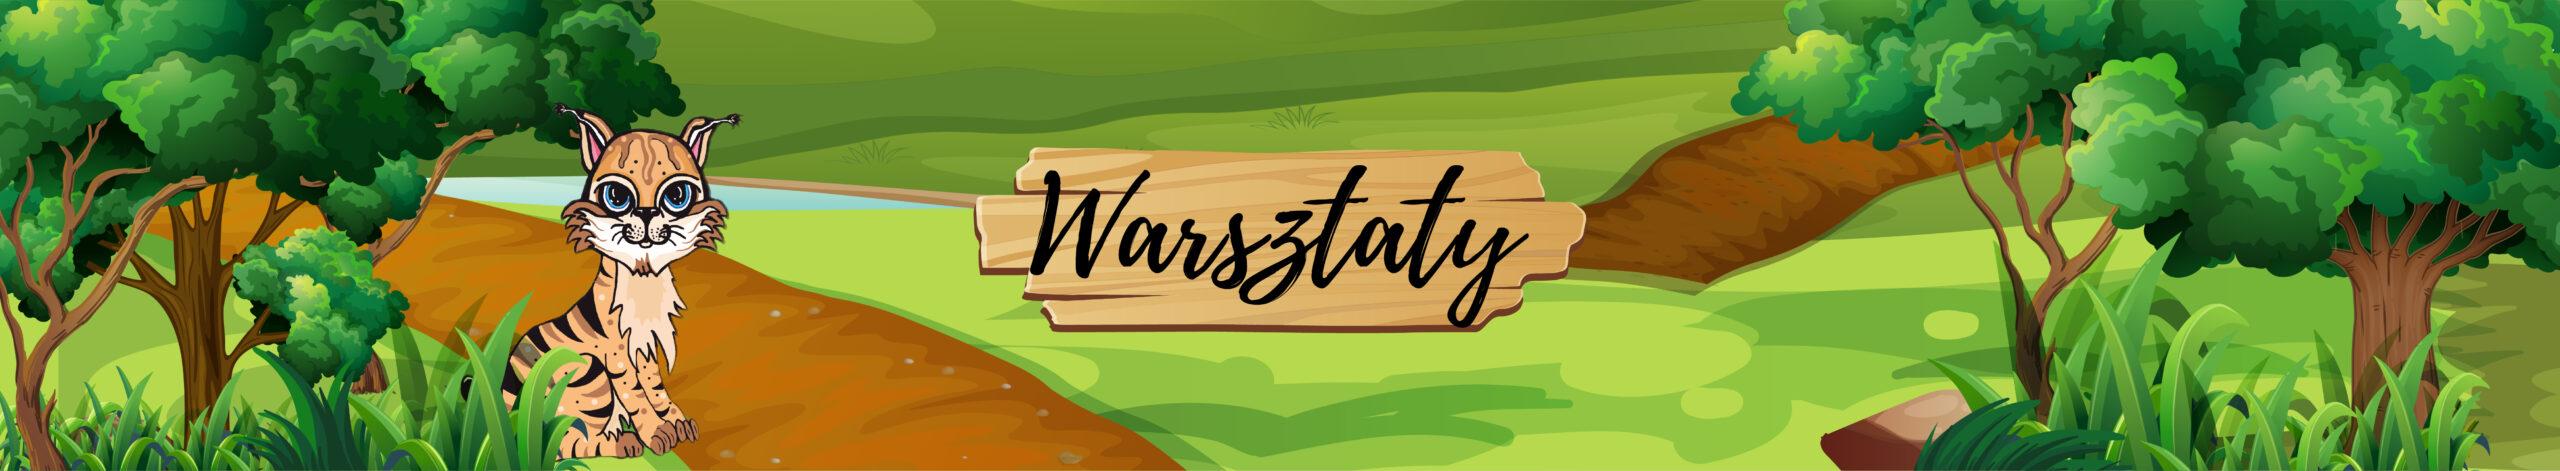 Warsztaty_dla_dzieci_atrakcje_na_impreze_animacje_rysiowe